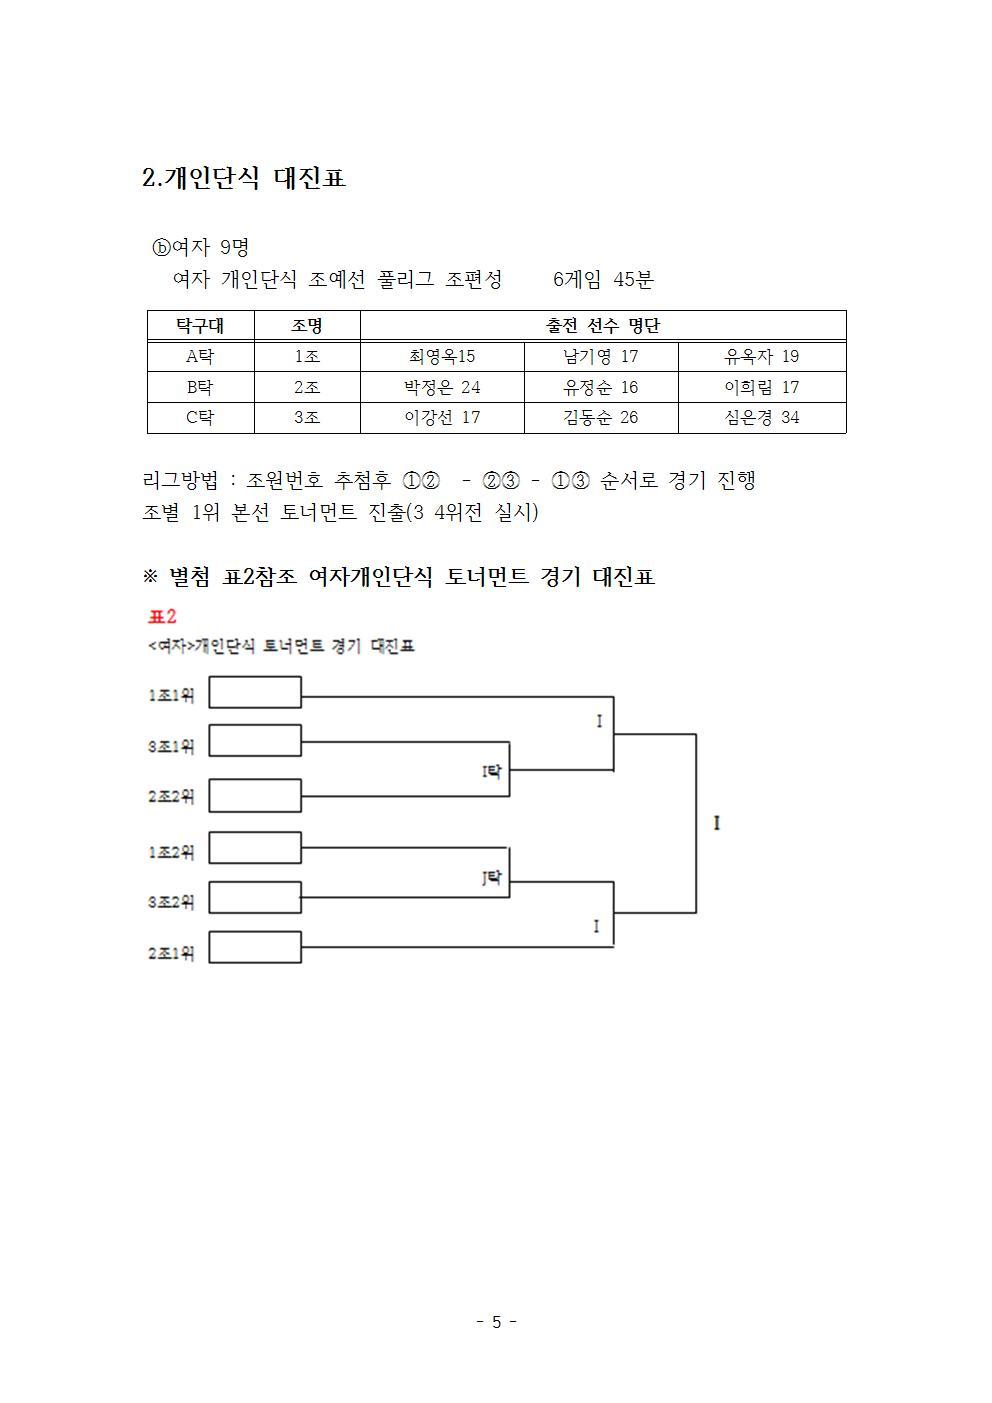 제1회  선농가족 탁구대회 대진표(1)005.jpg